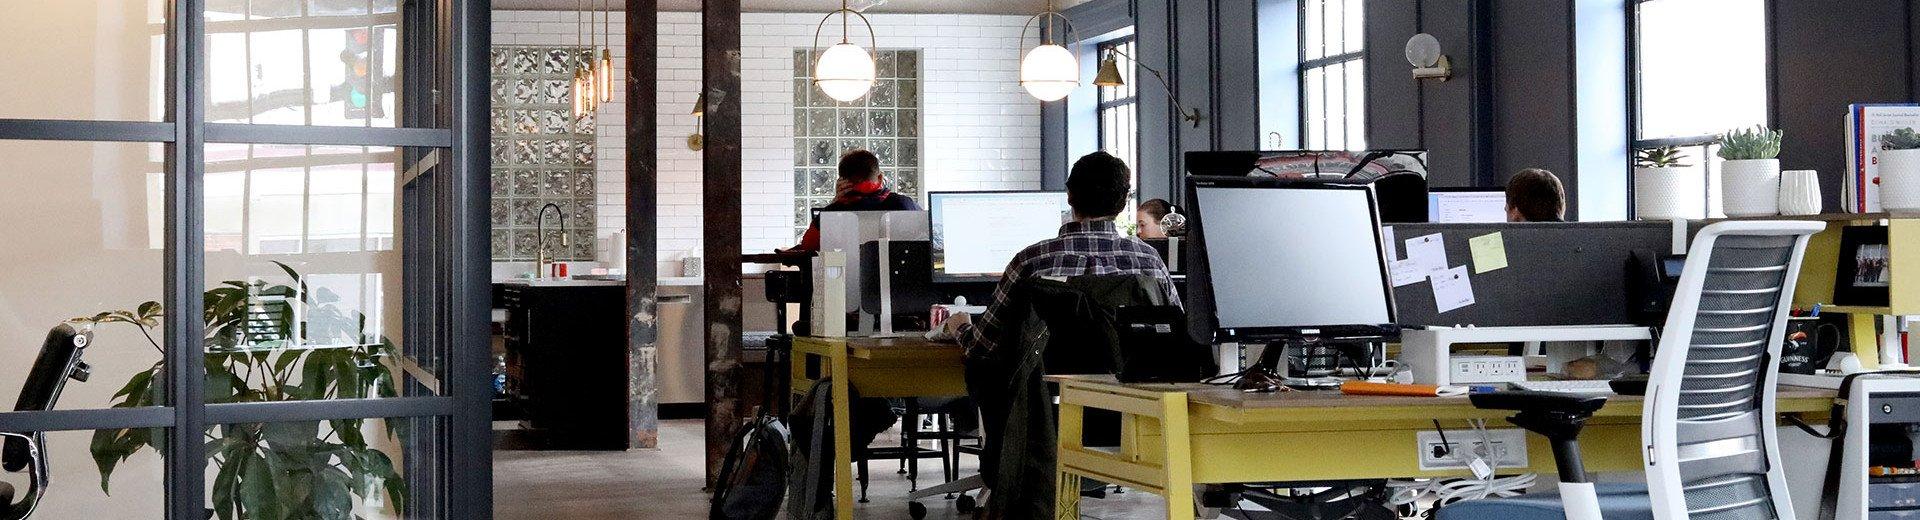 Okładka artykułu Praca w domu czy w biurze? — Moje wnioski po prawie 2 latach po przeprowadzce